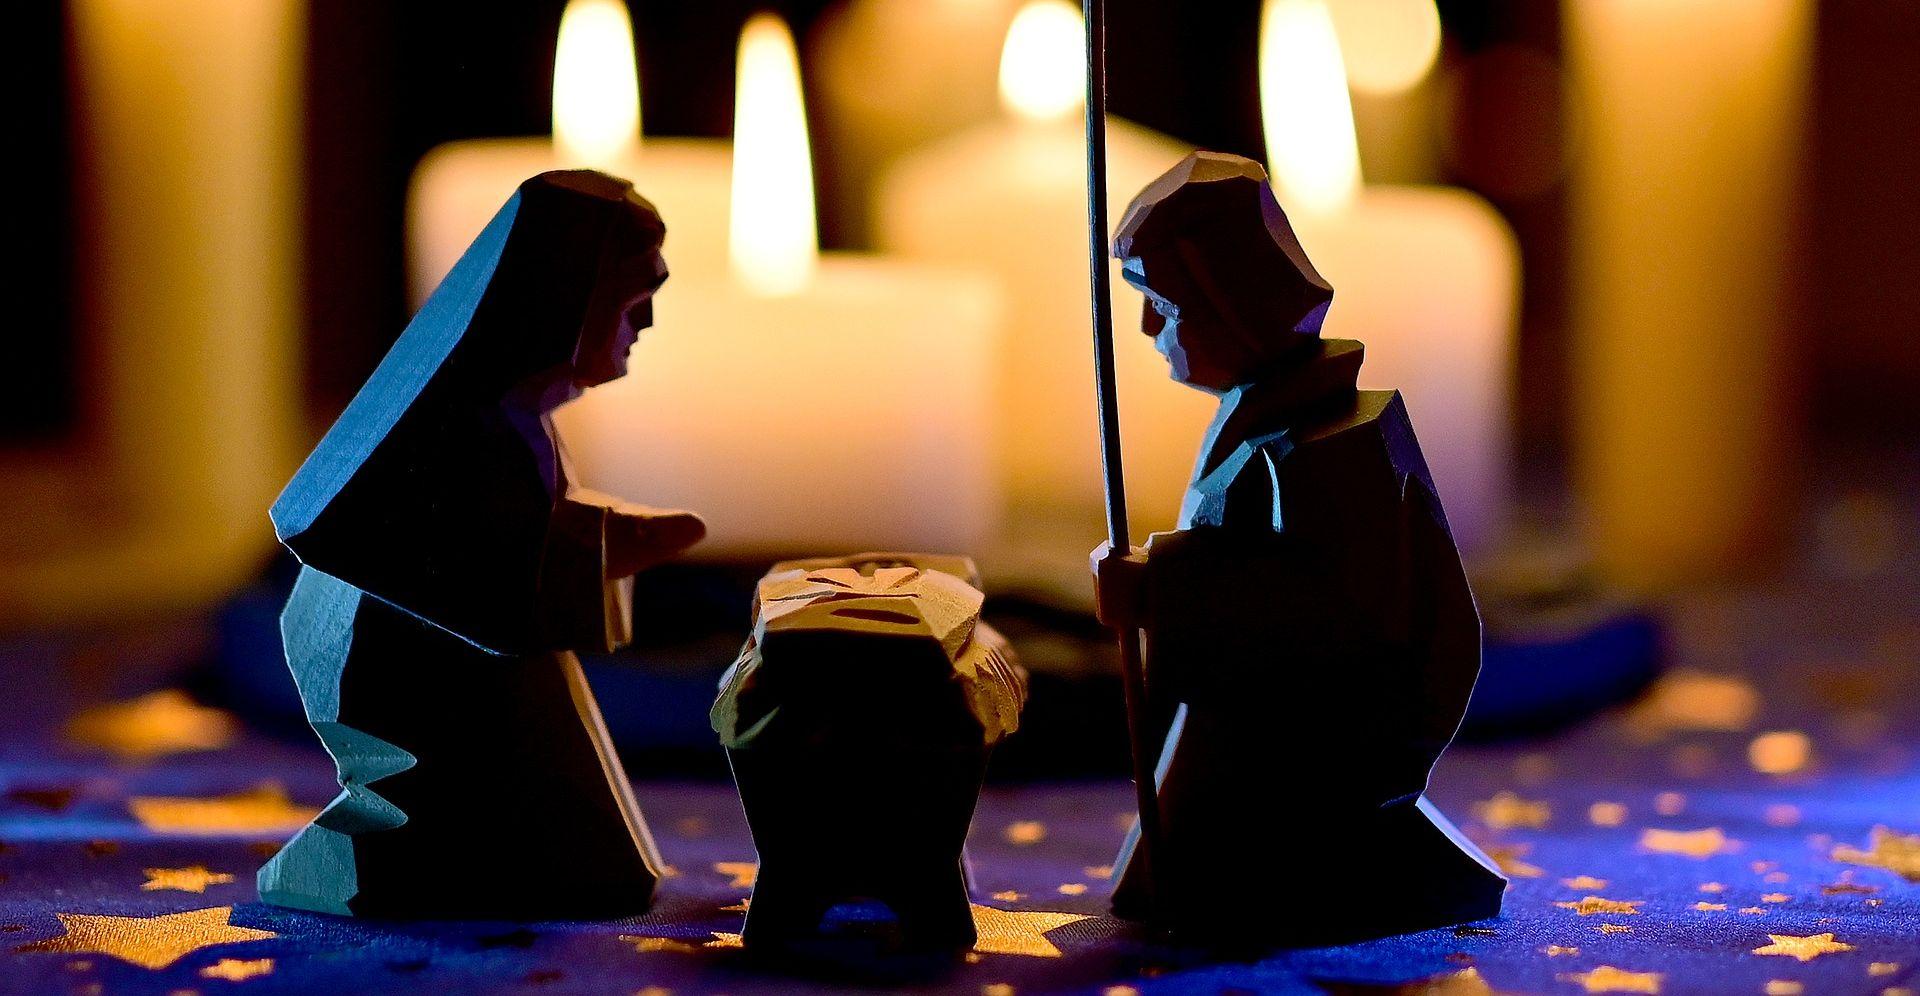 Blagdan je Božića, rođenja Isusa Krista